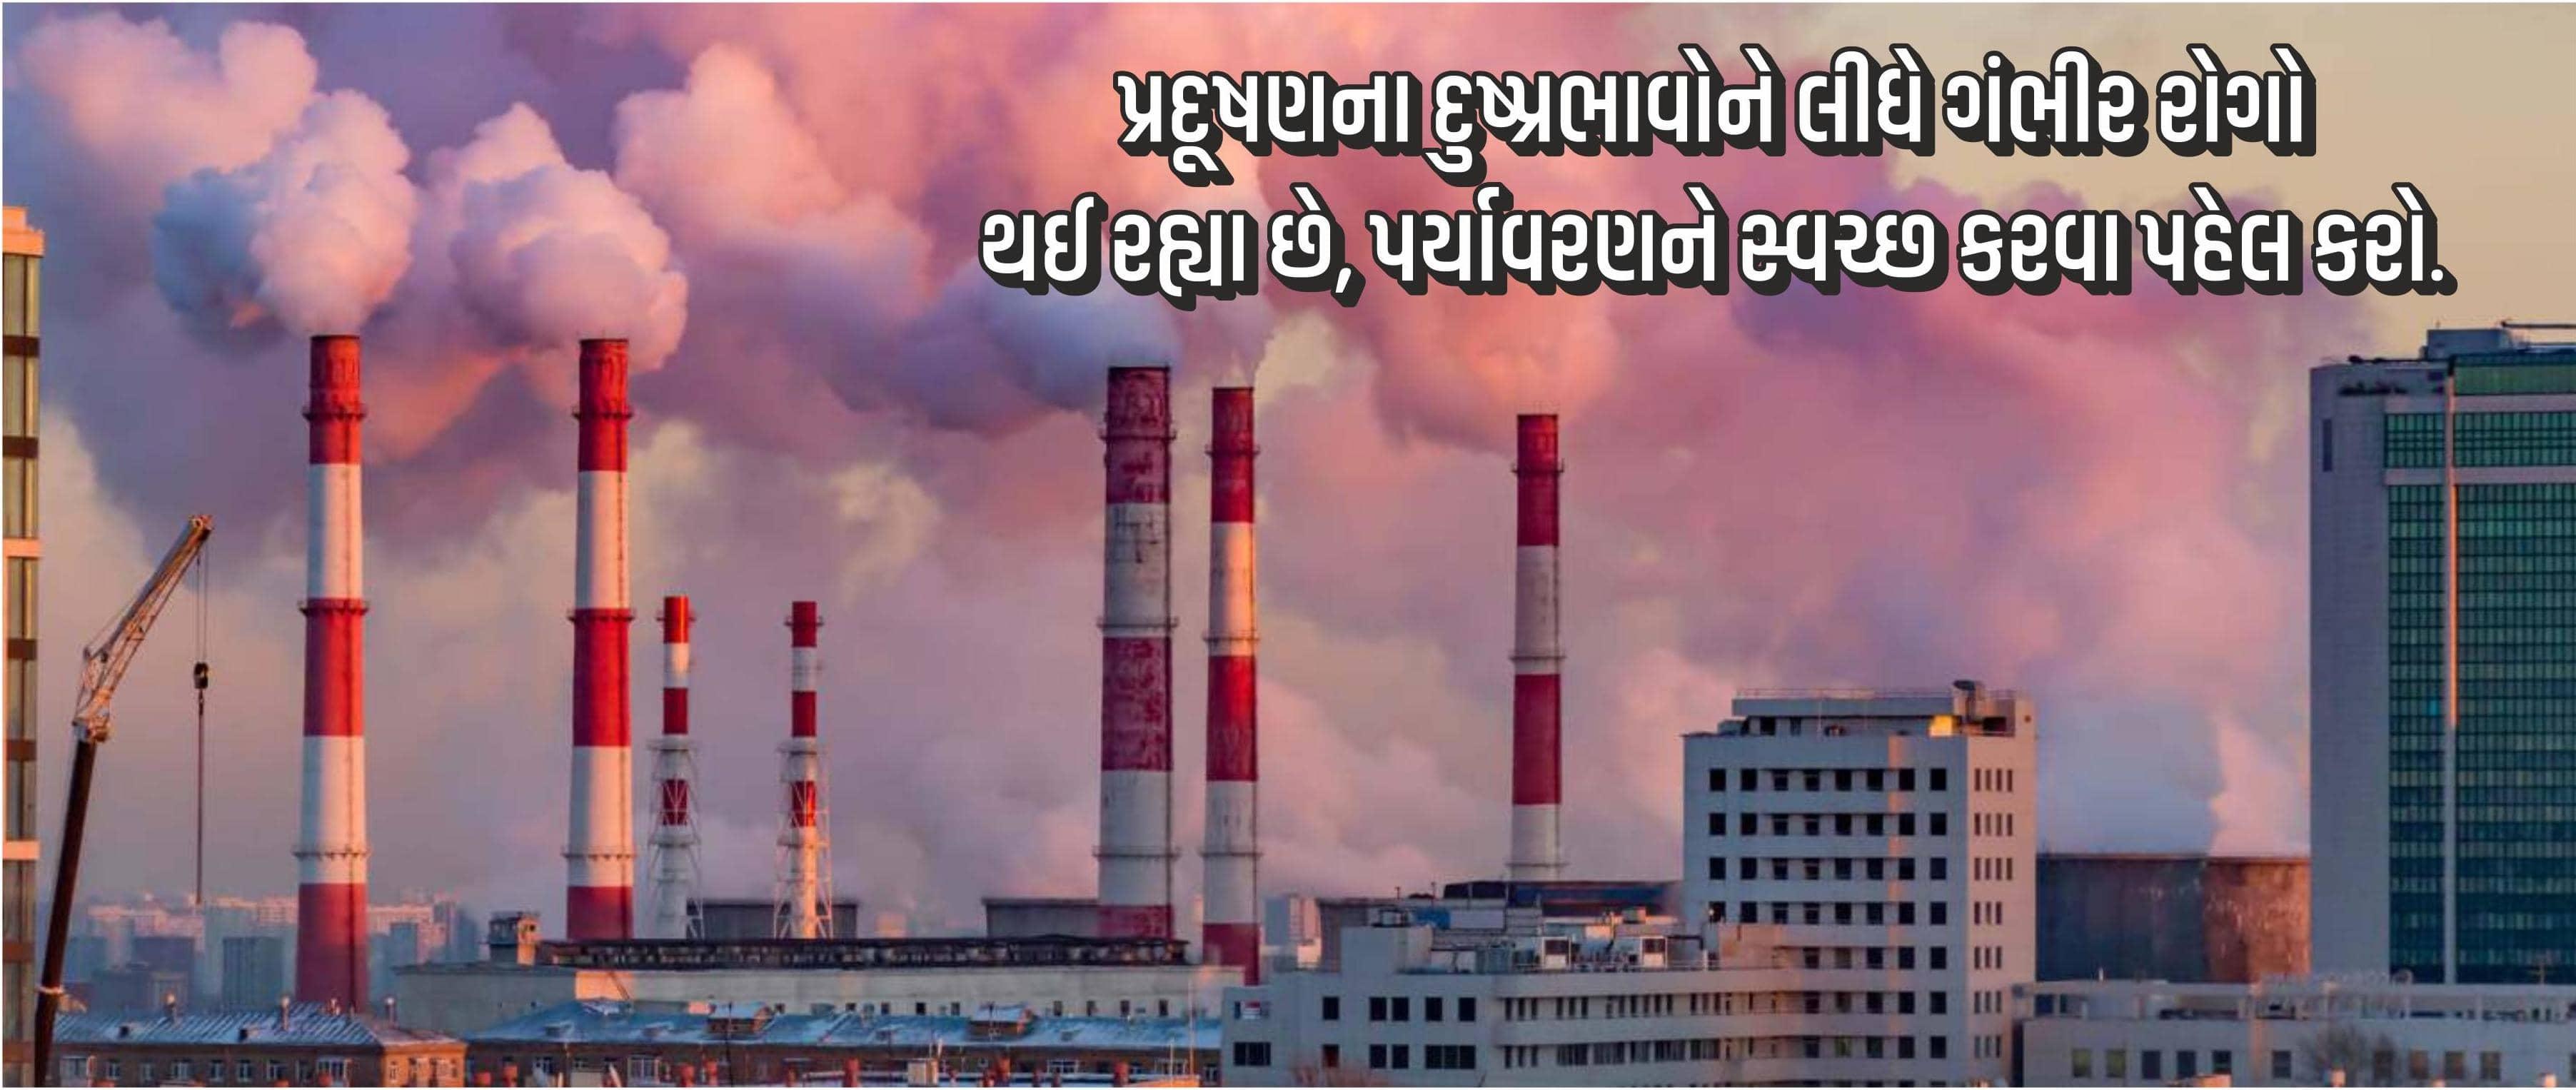 પ્રદૂષણ દુષ્પ્રભાવોને લીધે ગંભીર રોગો થઇ રહ્યો છે, પર્યાવરણને સ્વચ્છ કરવા પહેલ કરો.